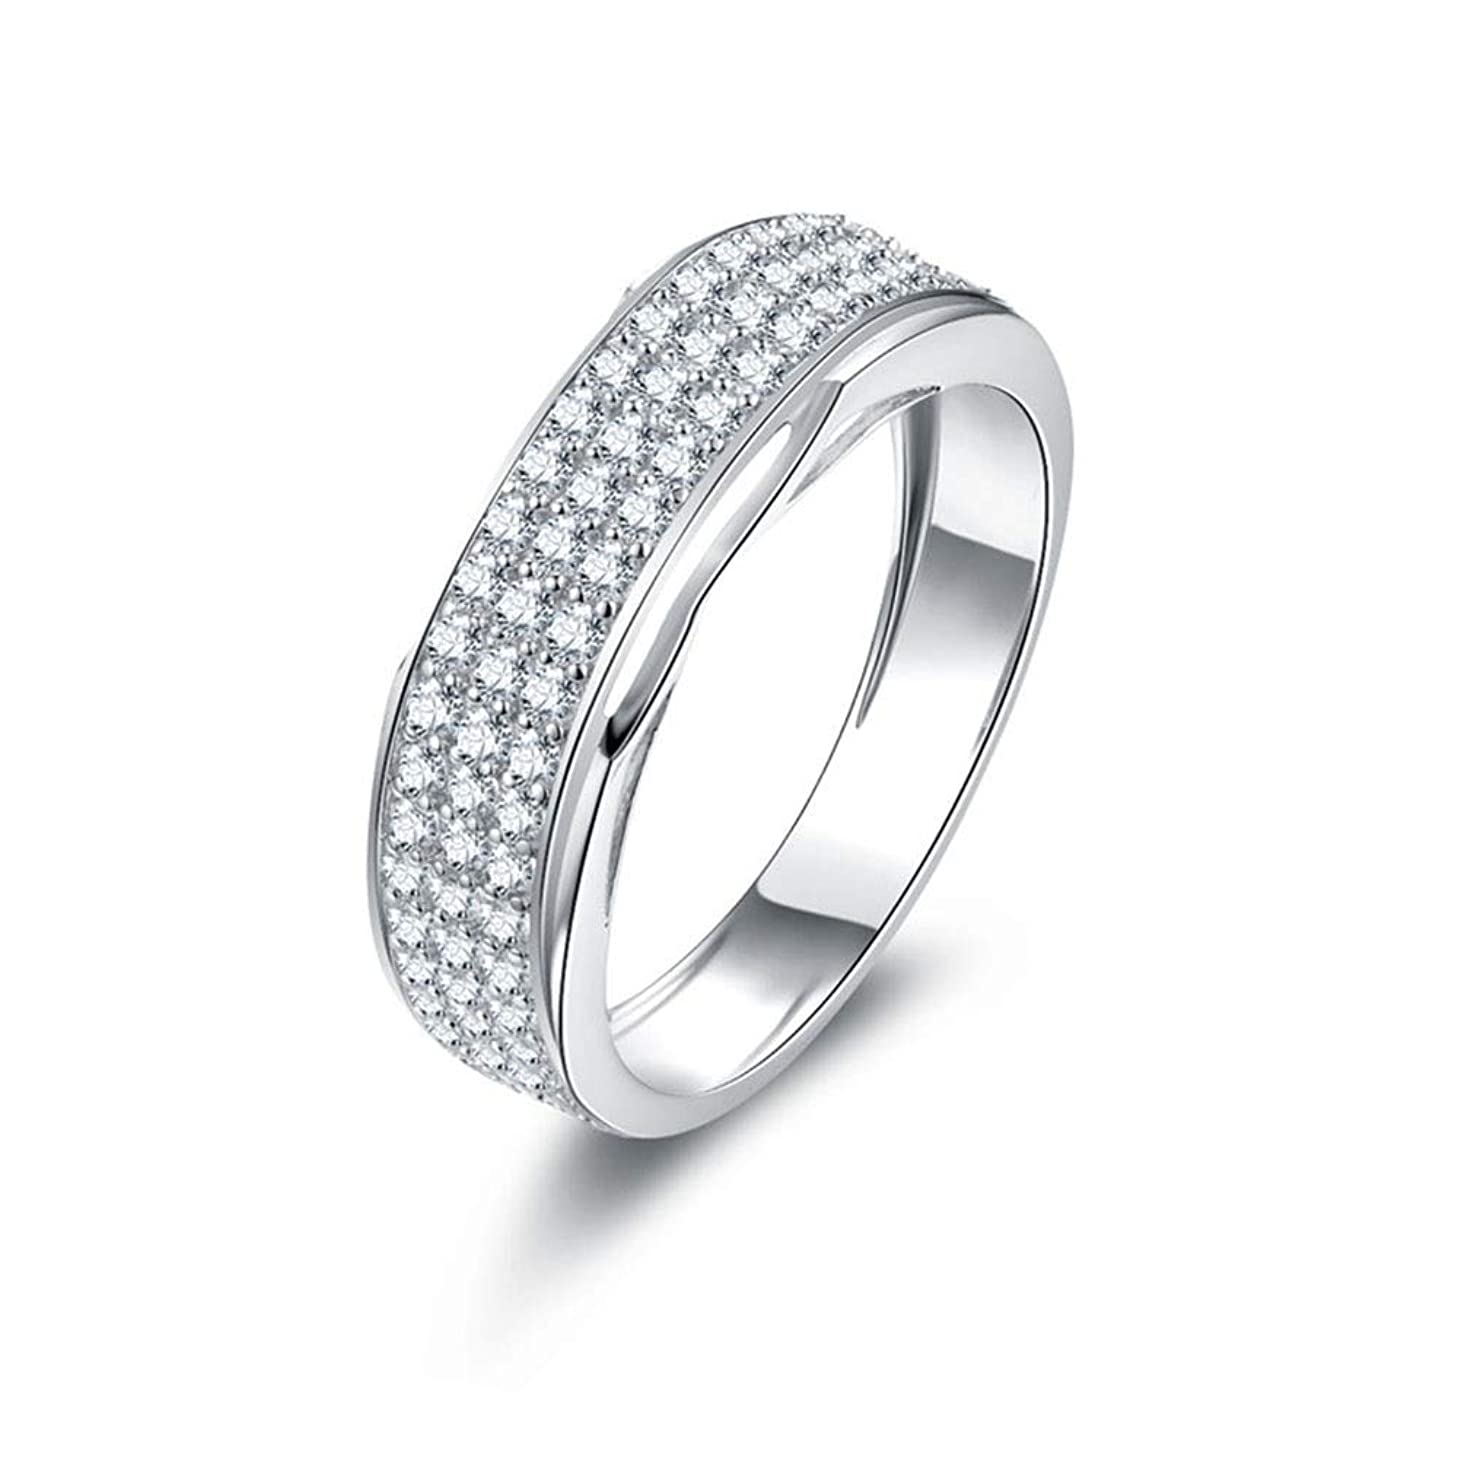 スクラブ課税ダメージSceliny ボーイフレンドギフトのためのダイヤモンドリング925スターリングシルバーリングファッションメンズリング (色 : ホワイト)